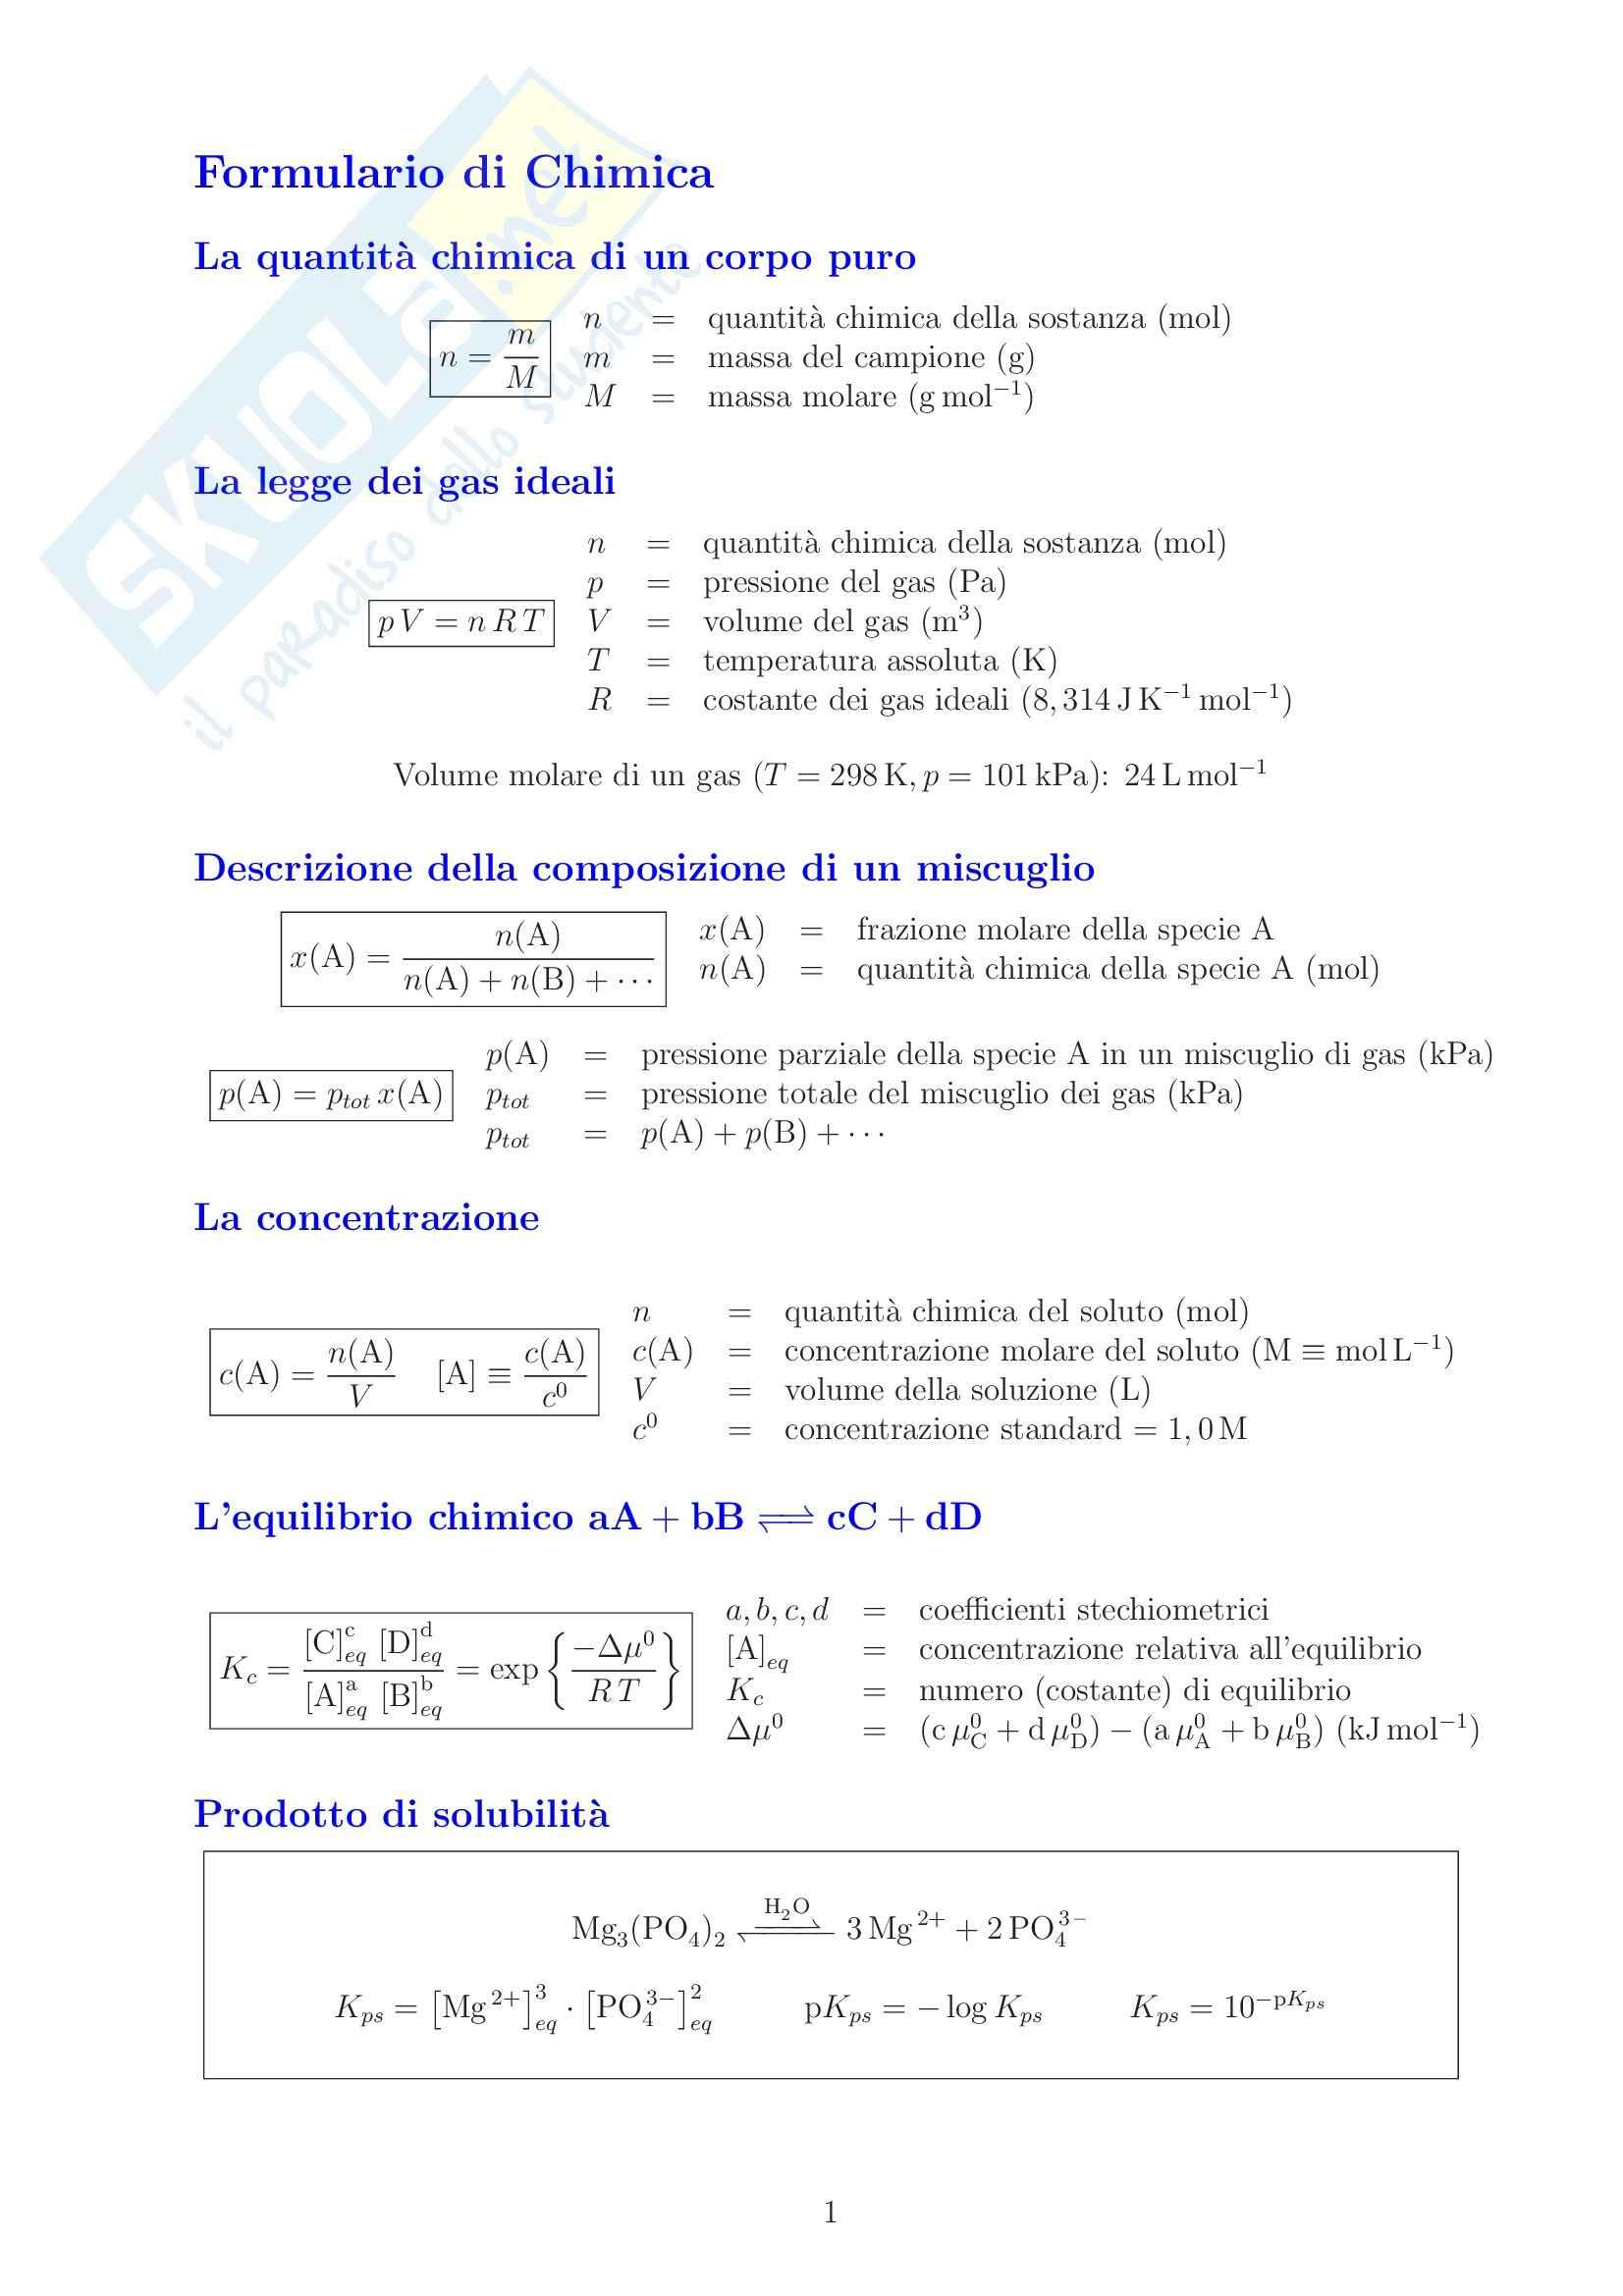 Chimica - formulario